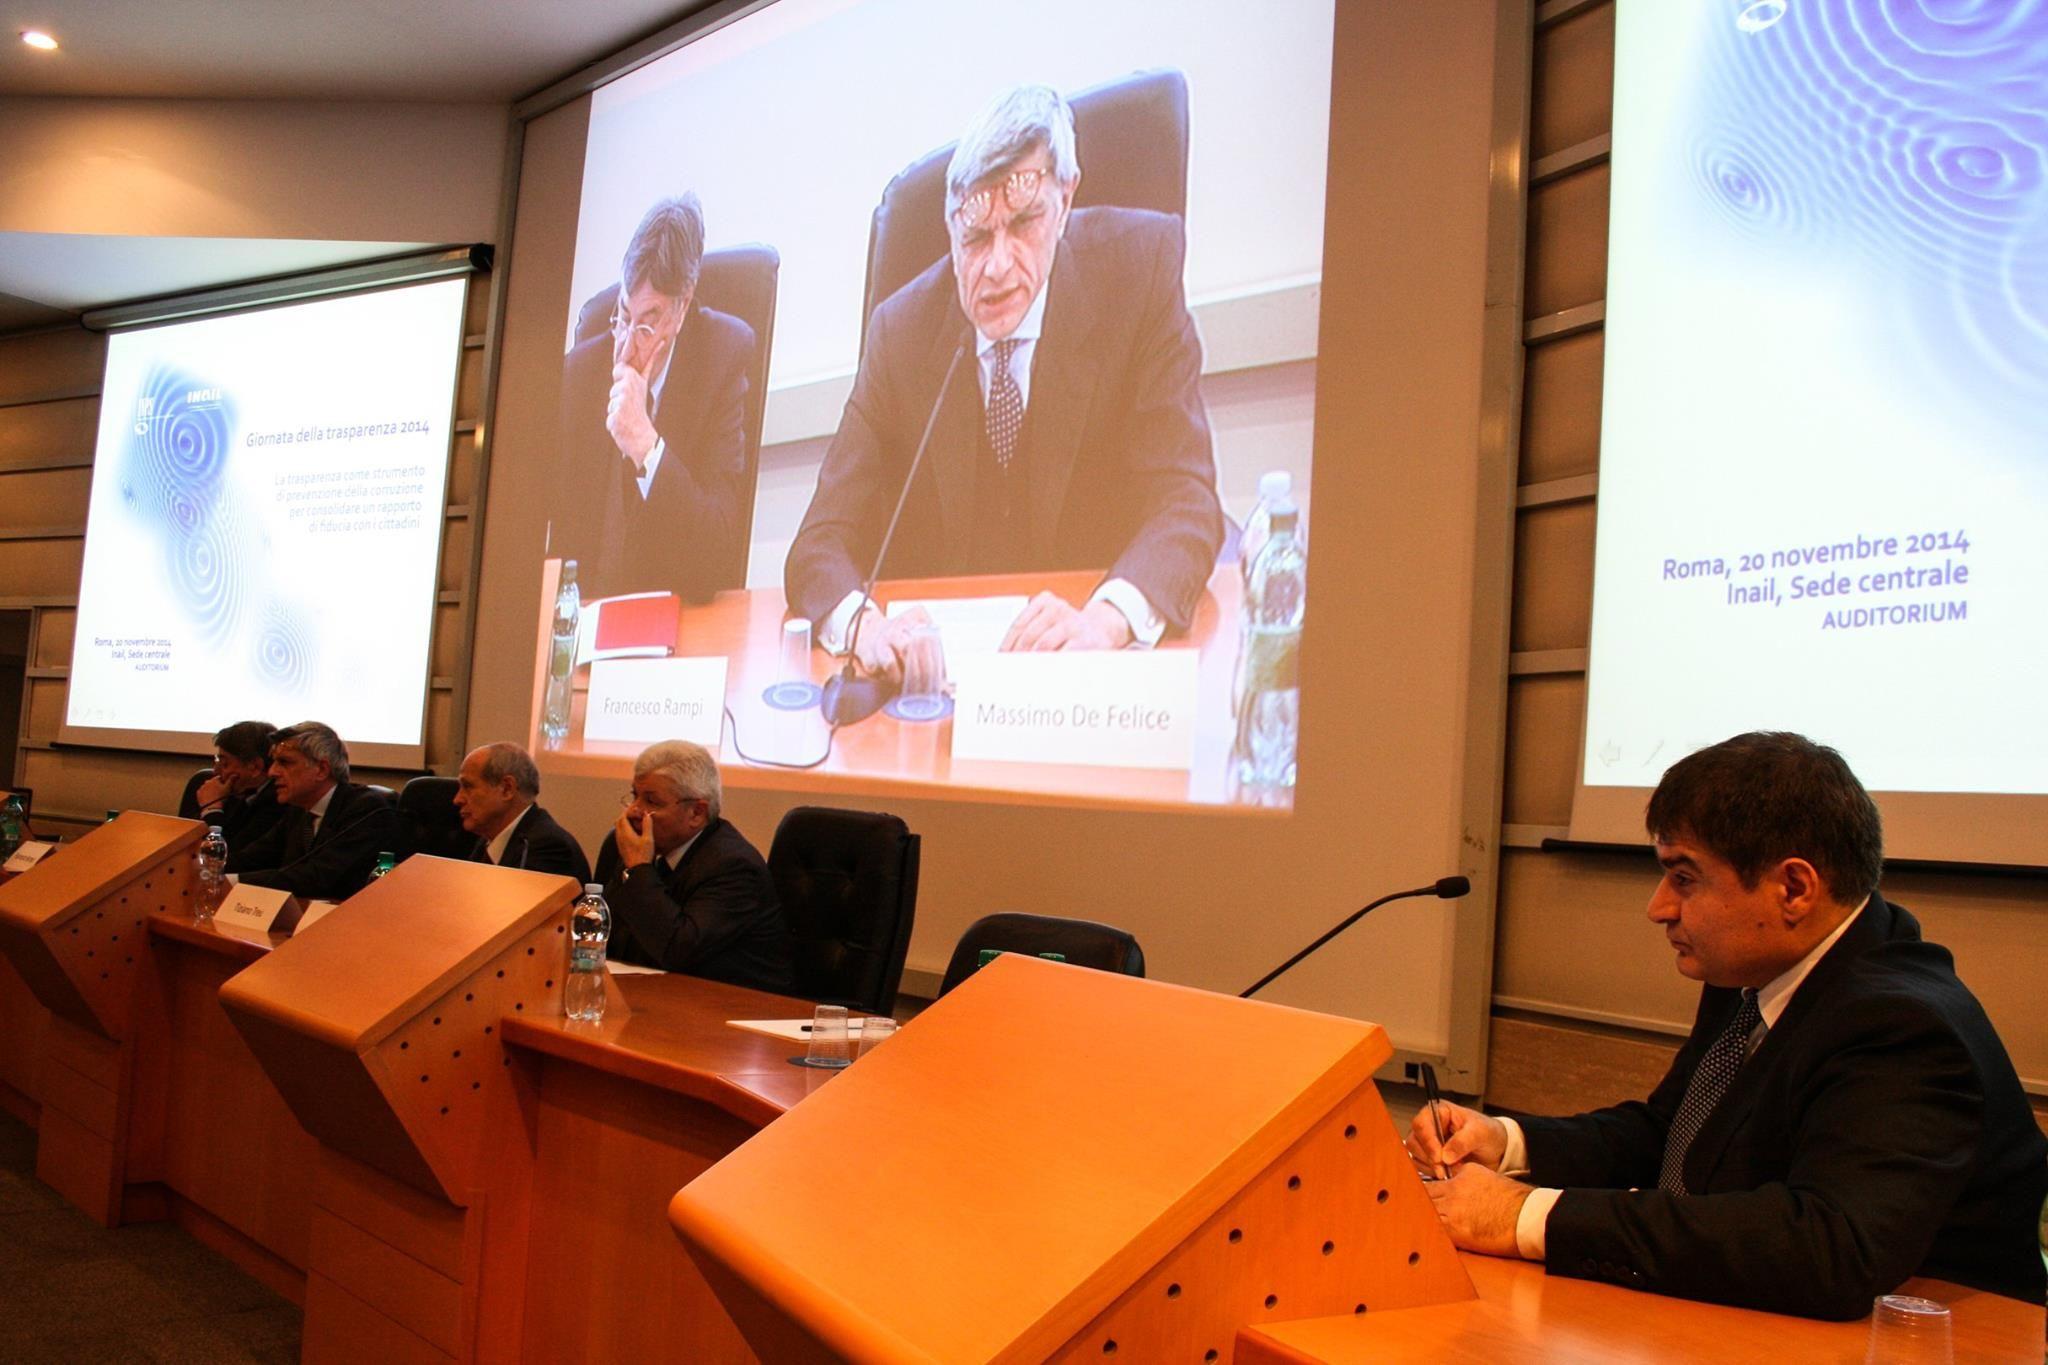 Quarta Giornata nazionale della trasparenza Flavio Marica responsabile anticorruzione Inps Giornata della trasparenza 2014